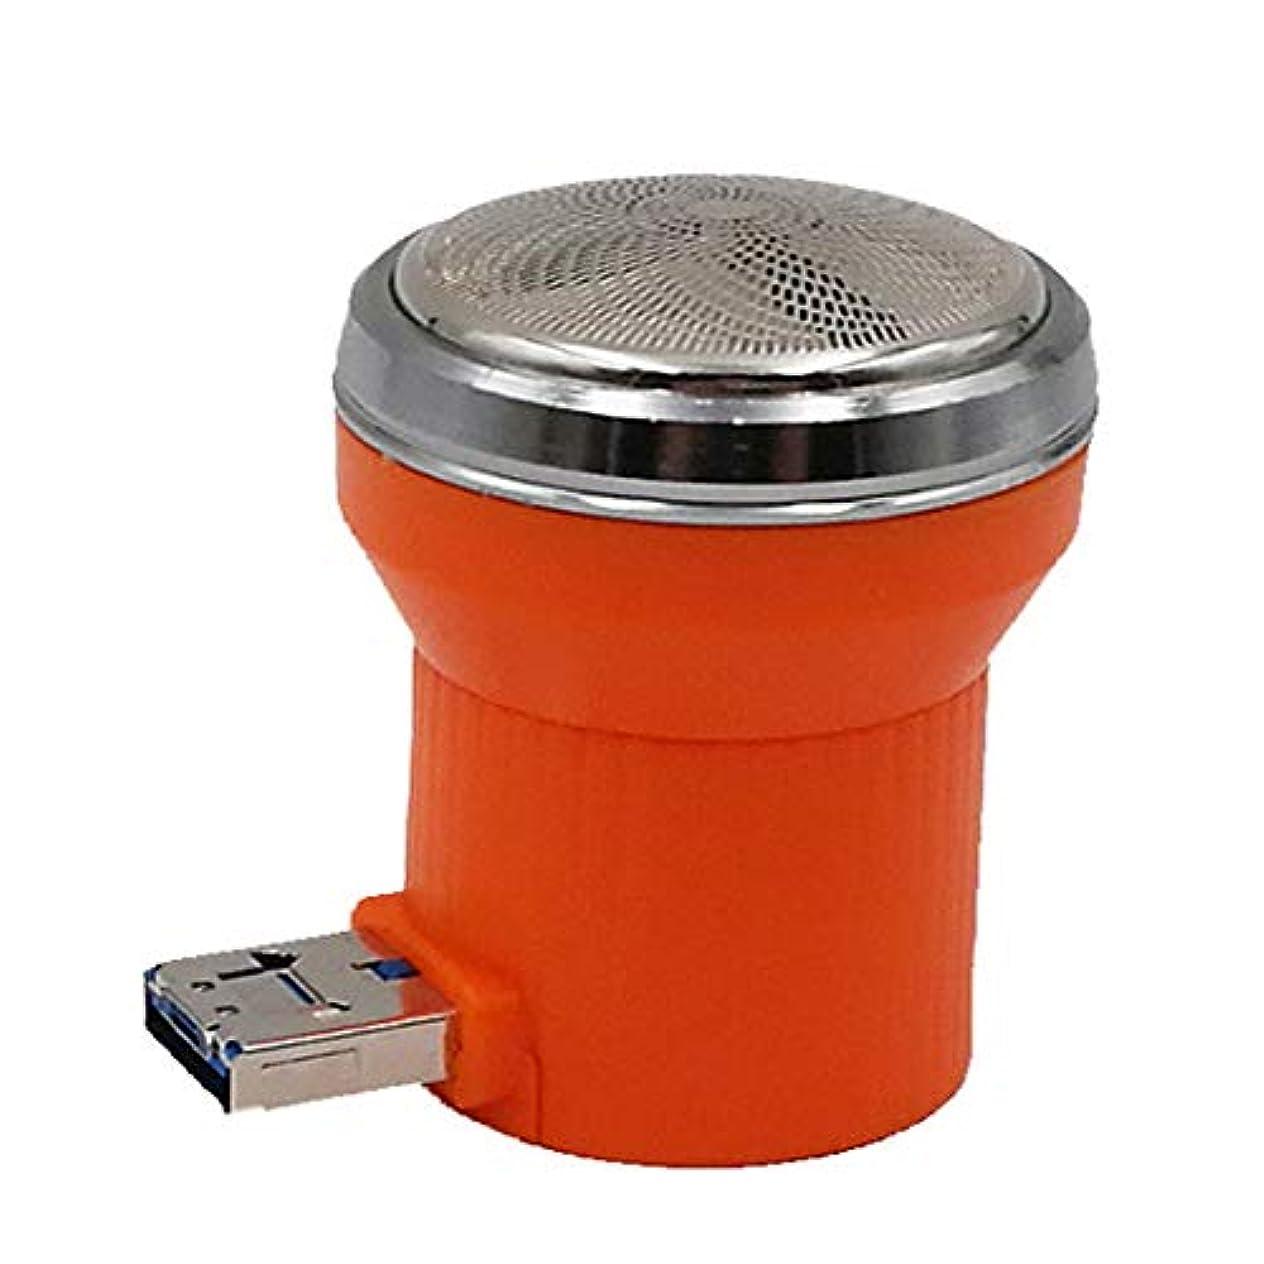 パフストリームはず旅行用かみそりのためのミニかみそりUSB携帯電話多機能ポータブル電気メンズかみそり(オレンジ)